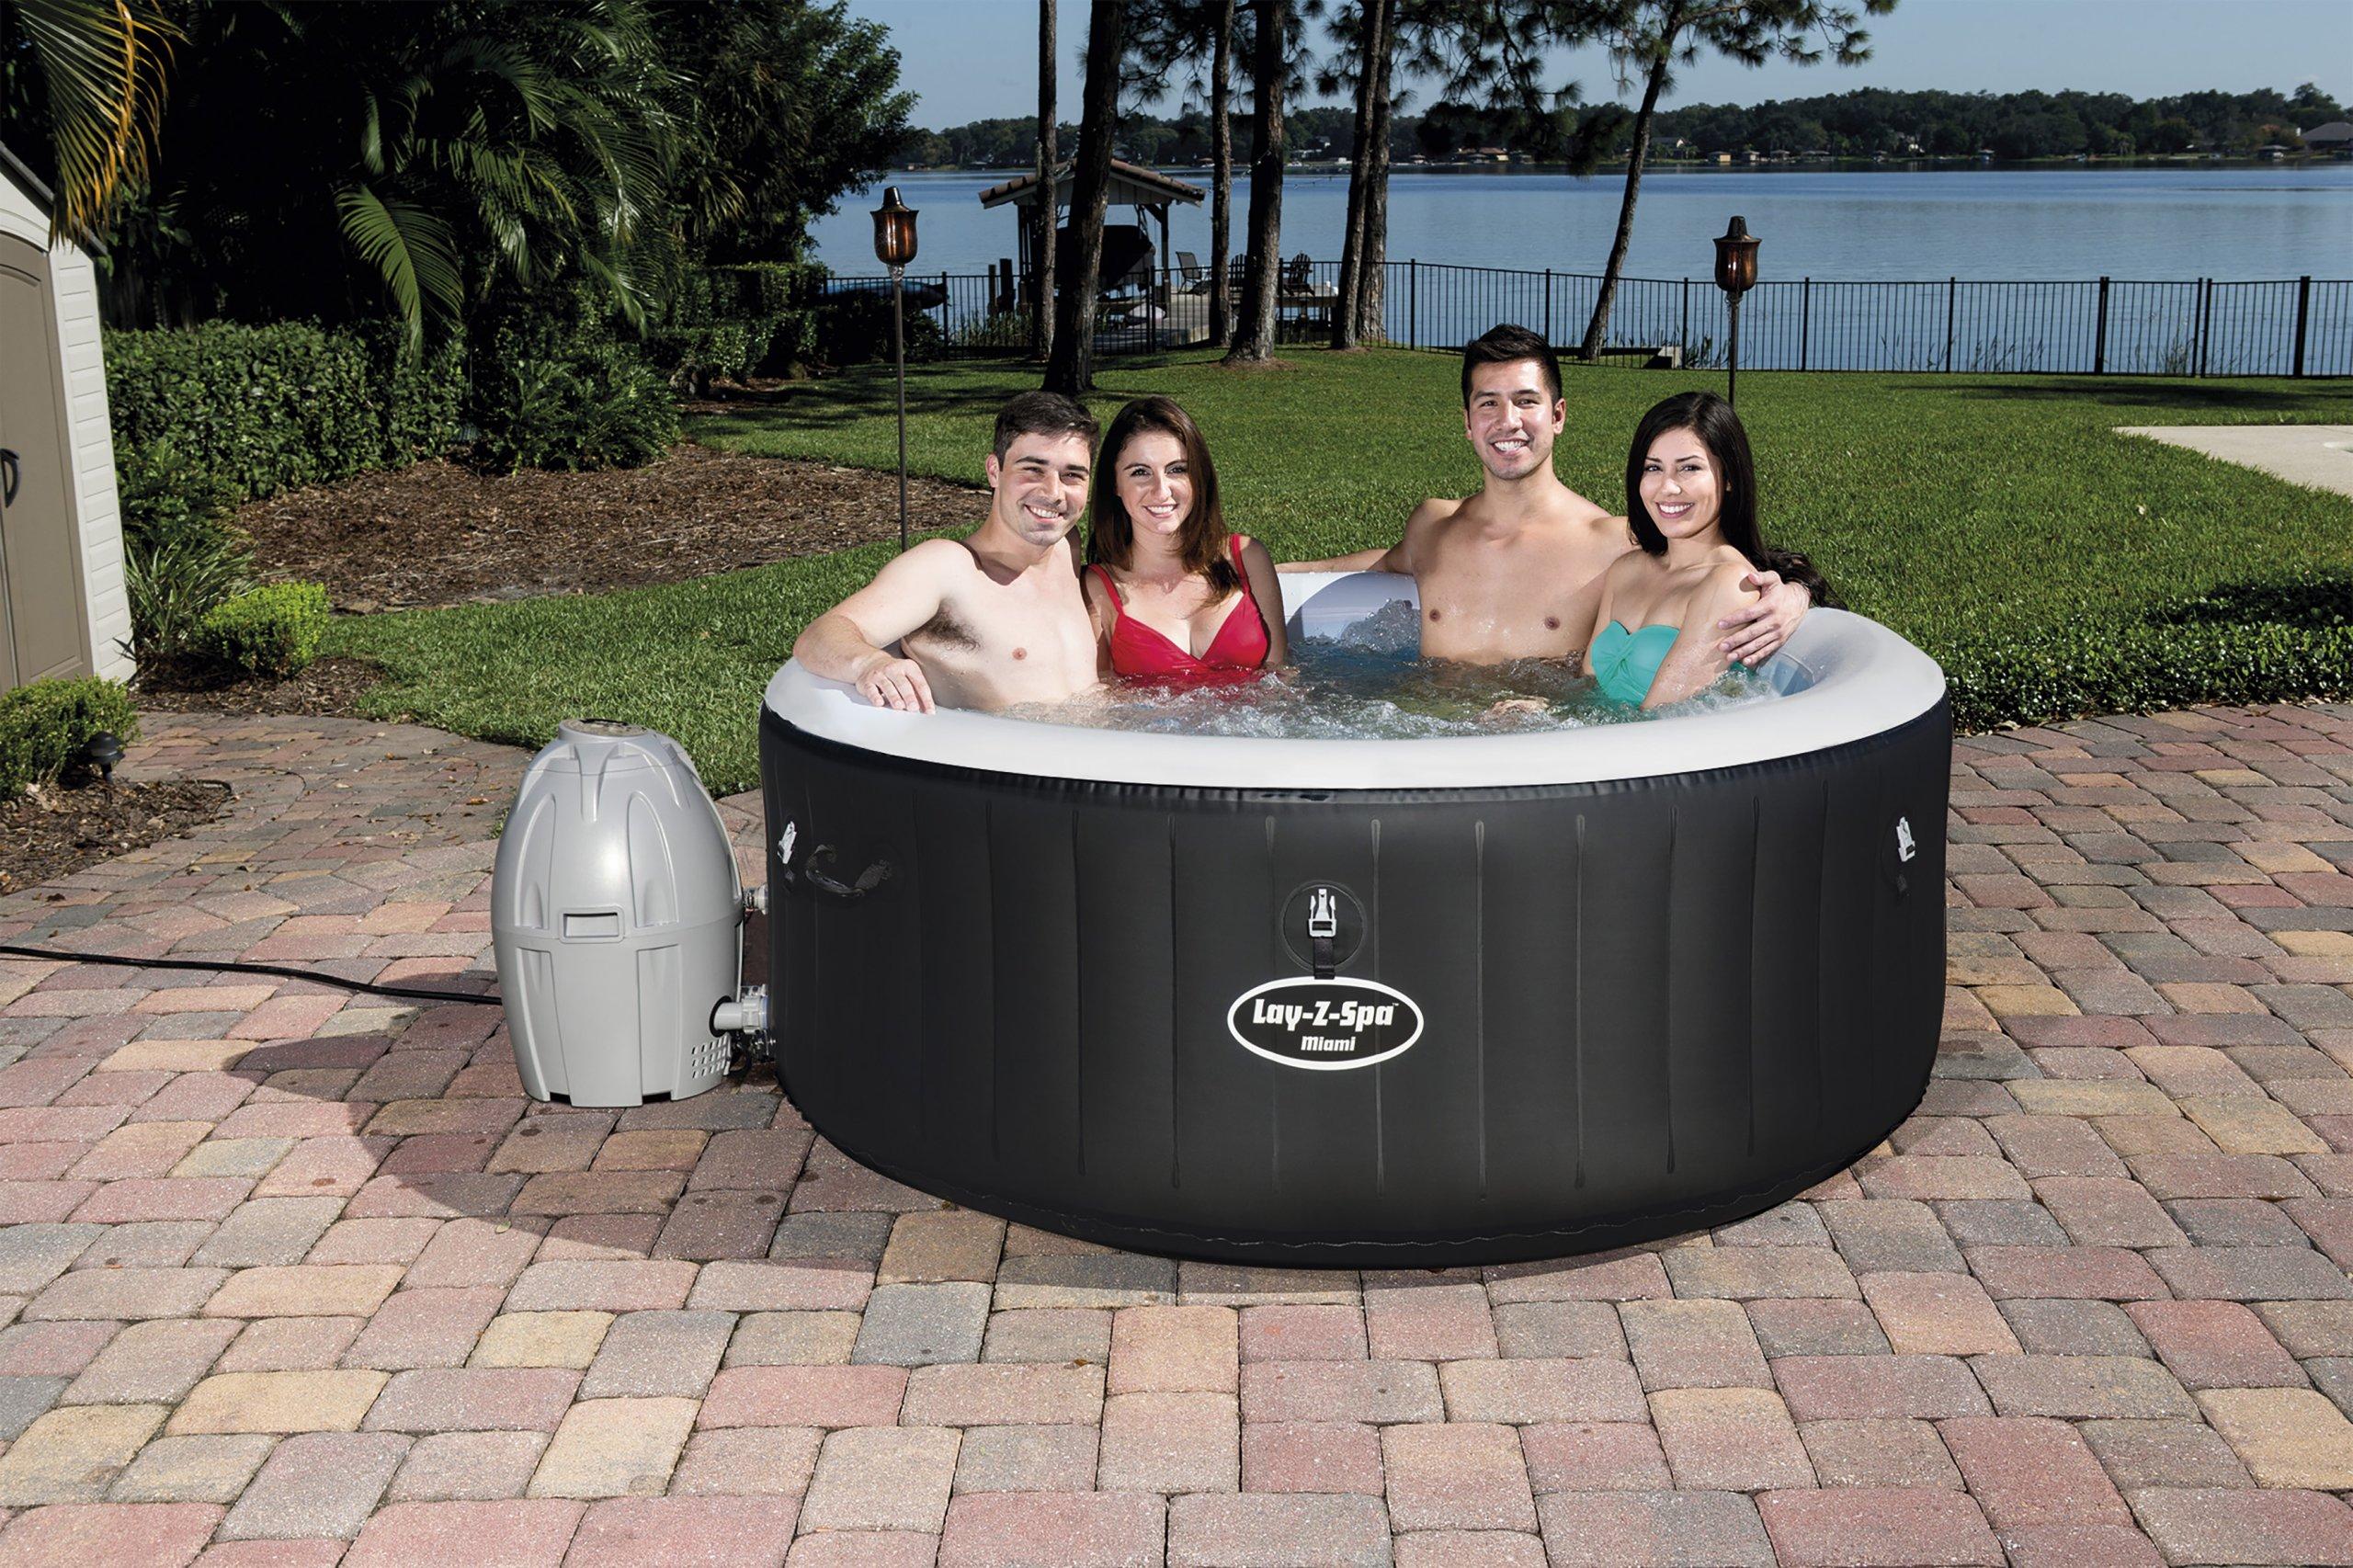 Bestway 54123 bazének bazén 3 v 1 vířivka Lay - Z - Spa Miami AirJet